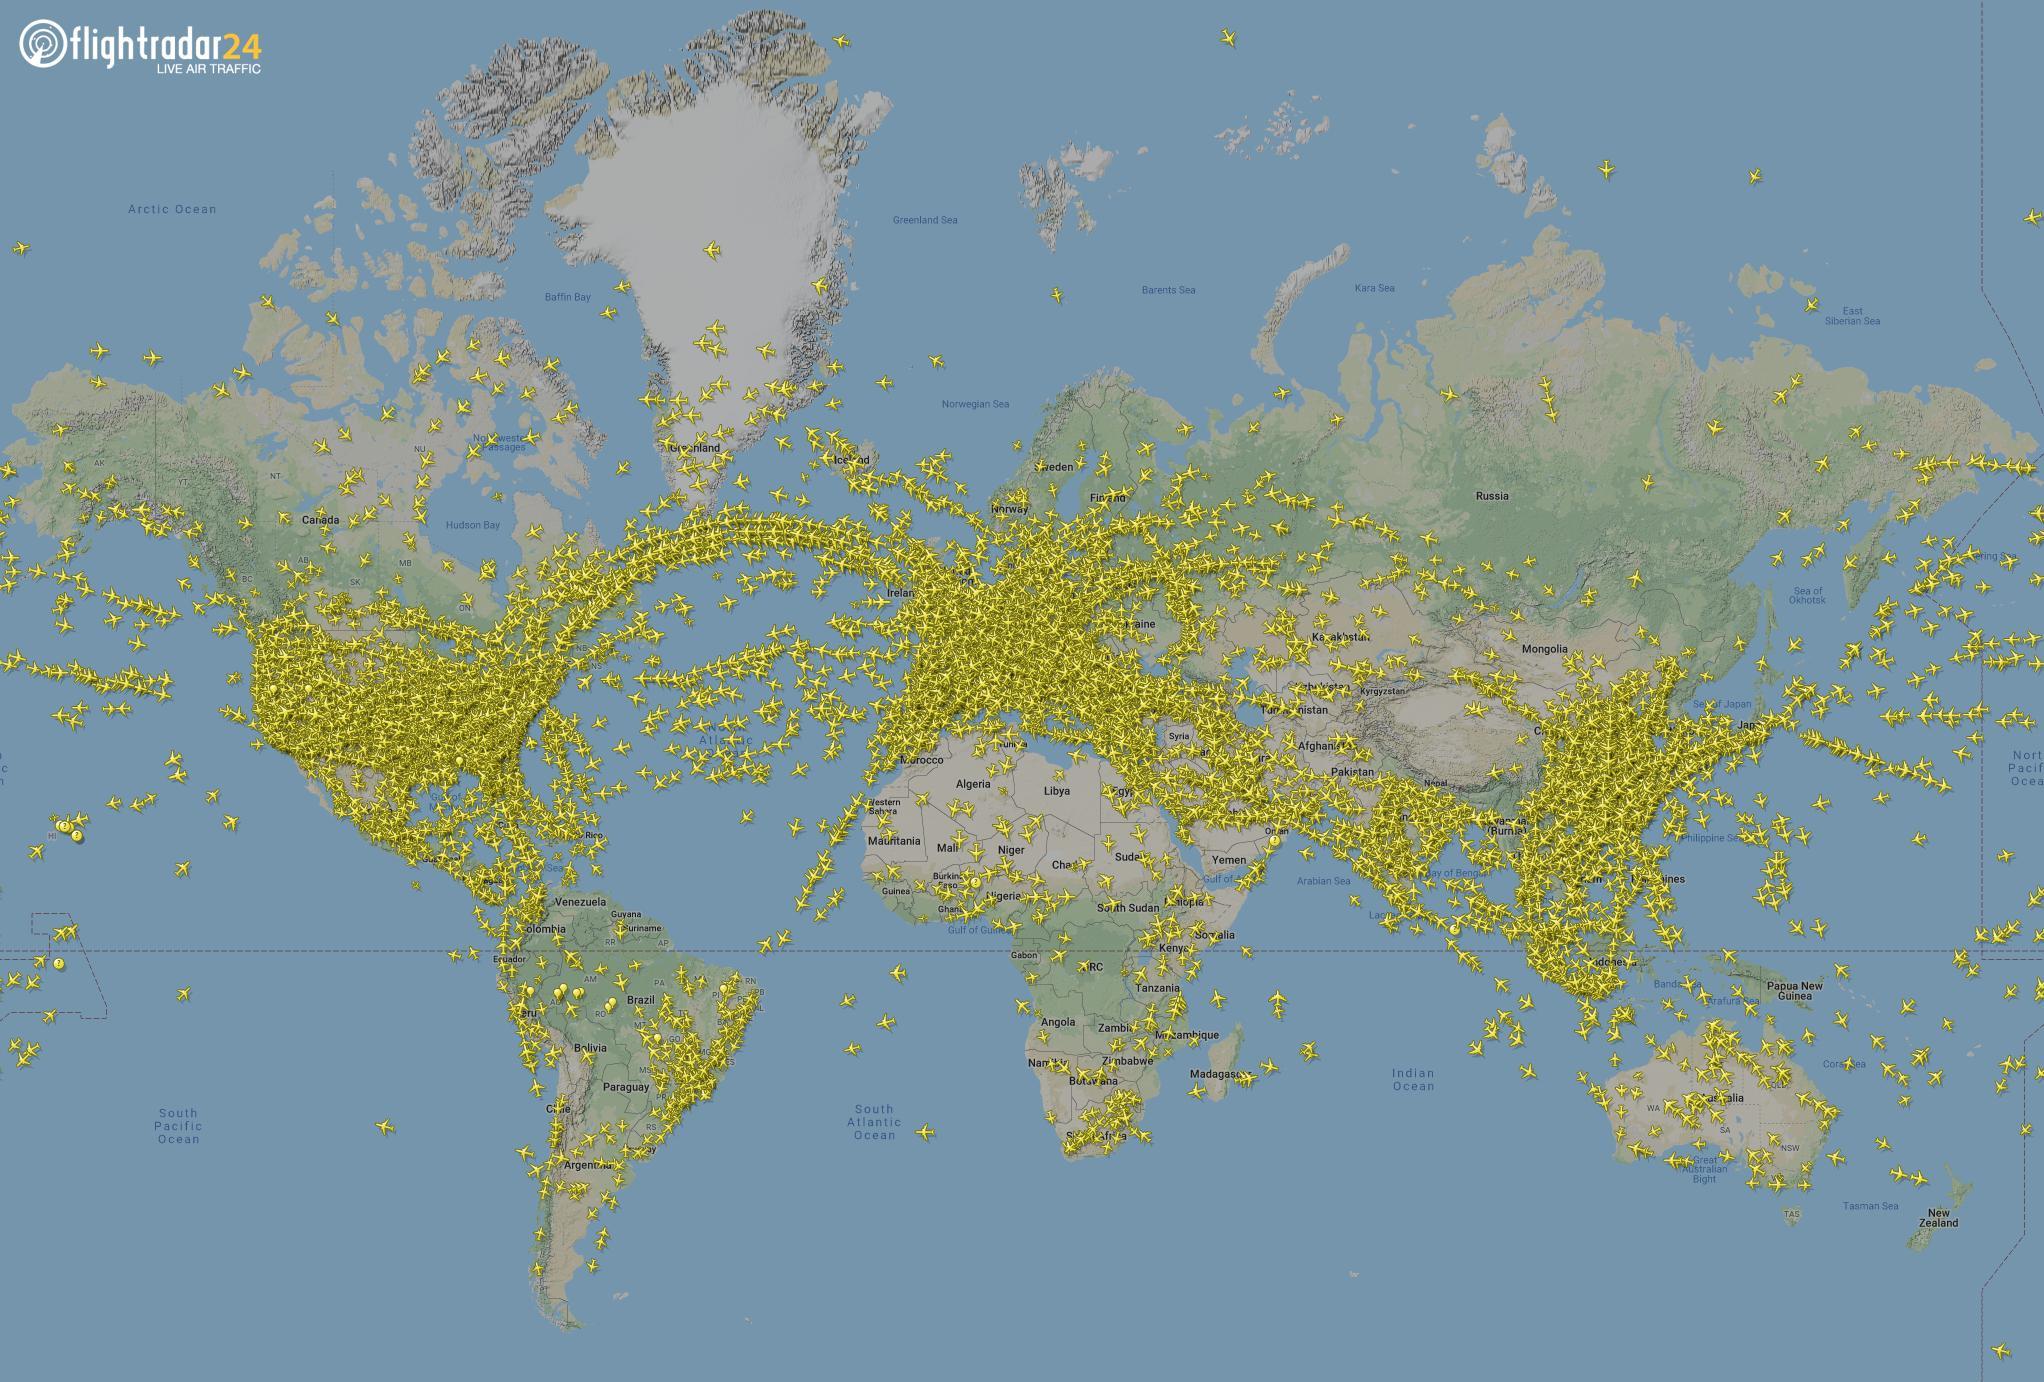 Nuevo récord de vuelos registrados en un sólo día en todo el planeta, se batió la pasada semana no una, sino dos veces